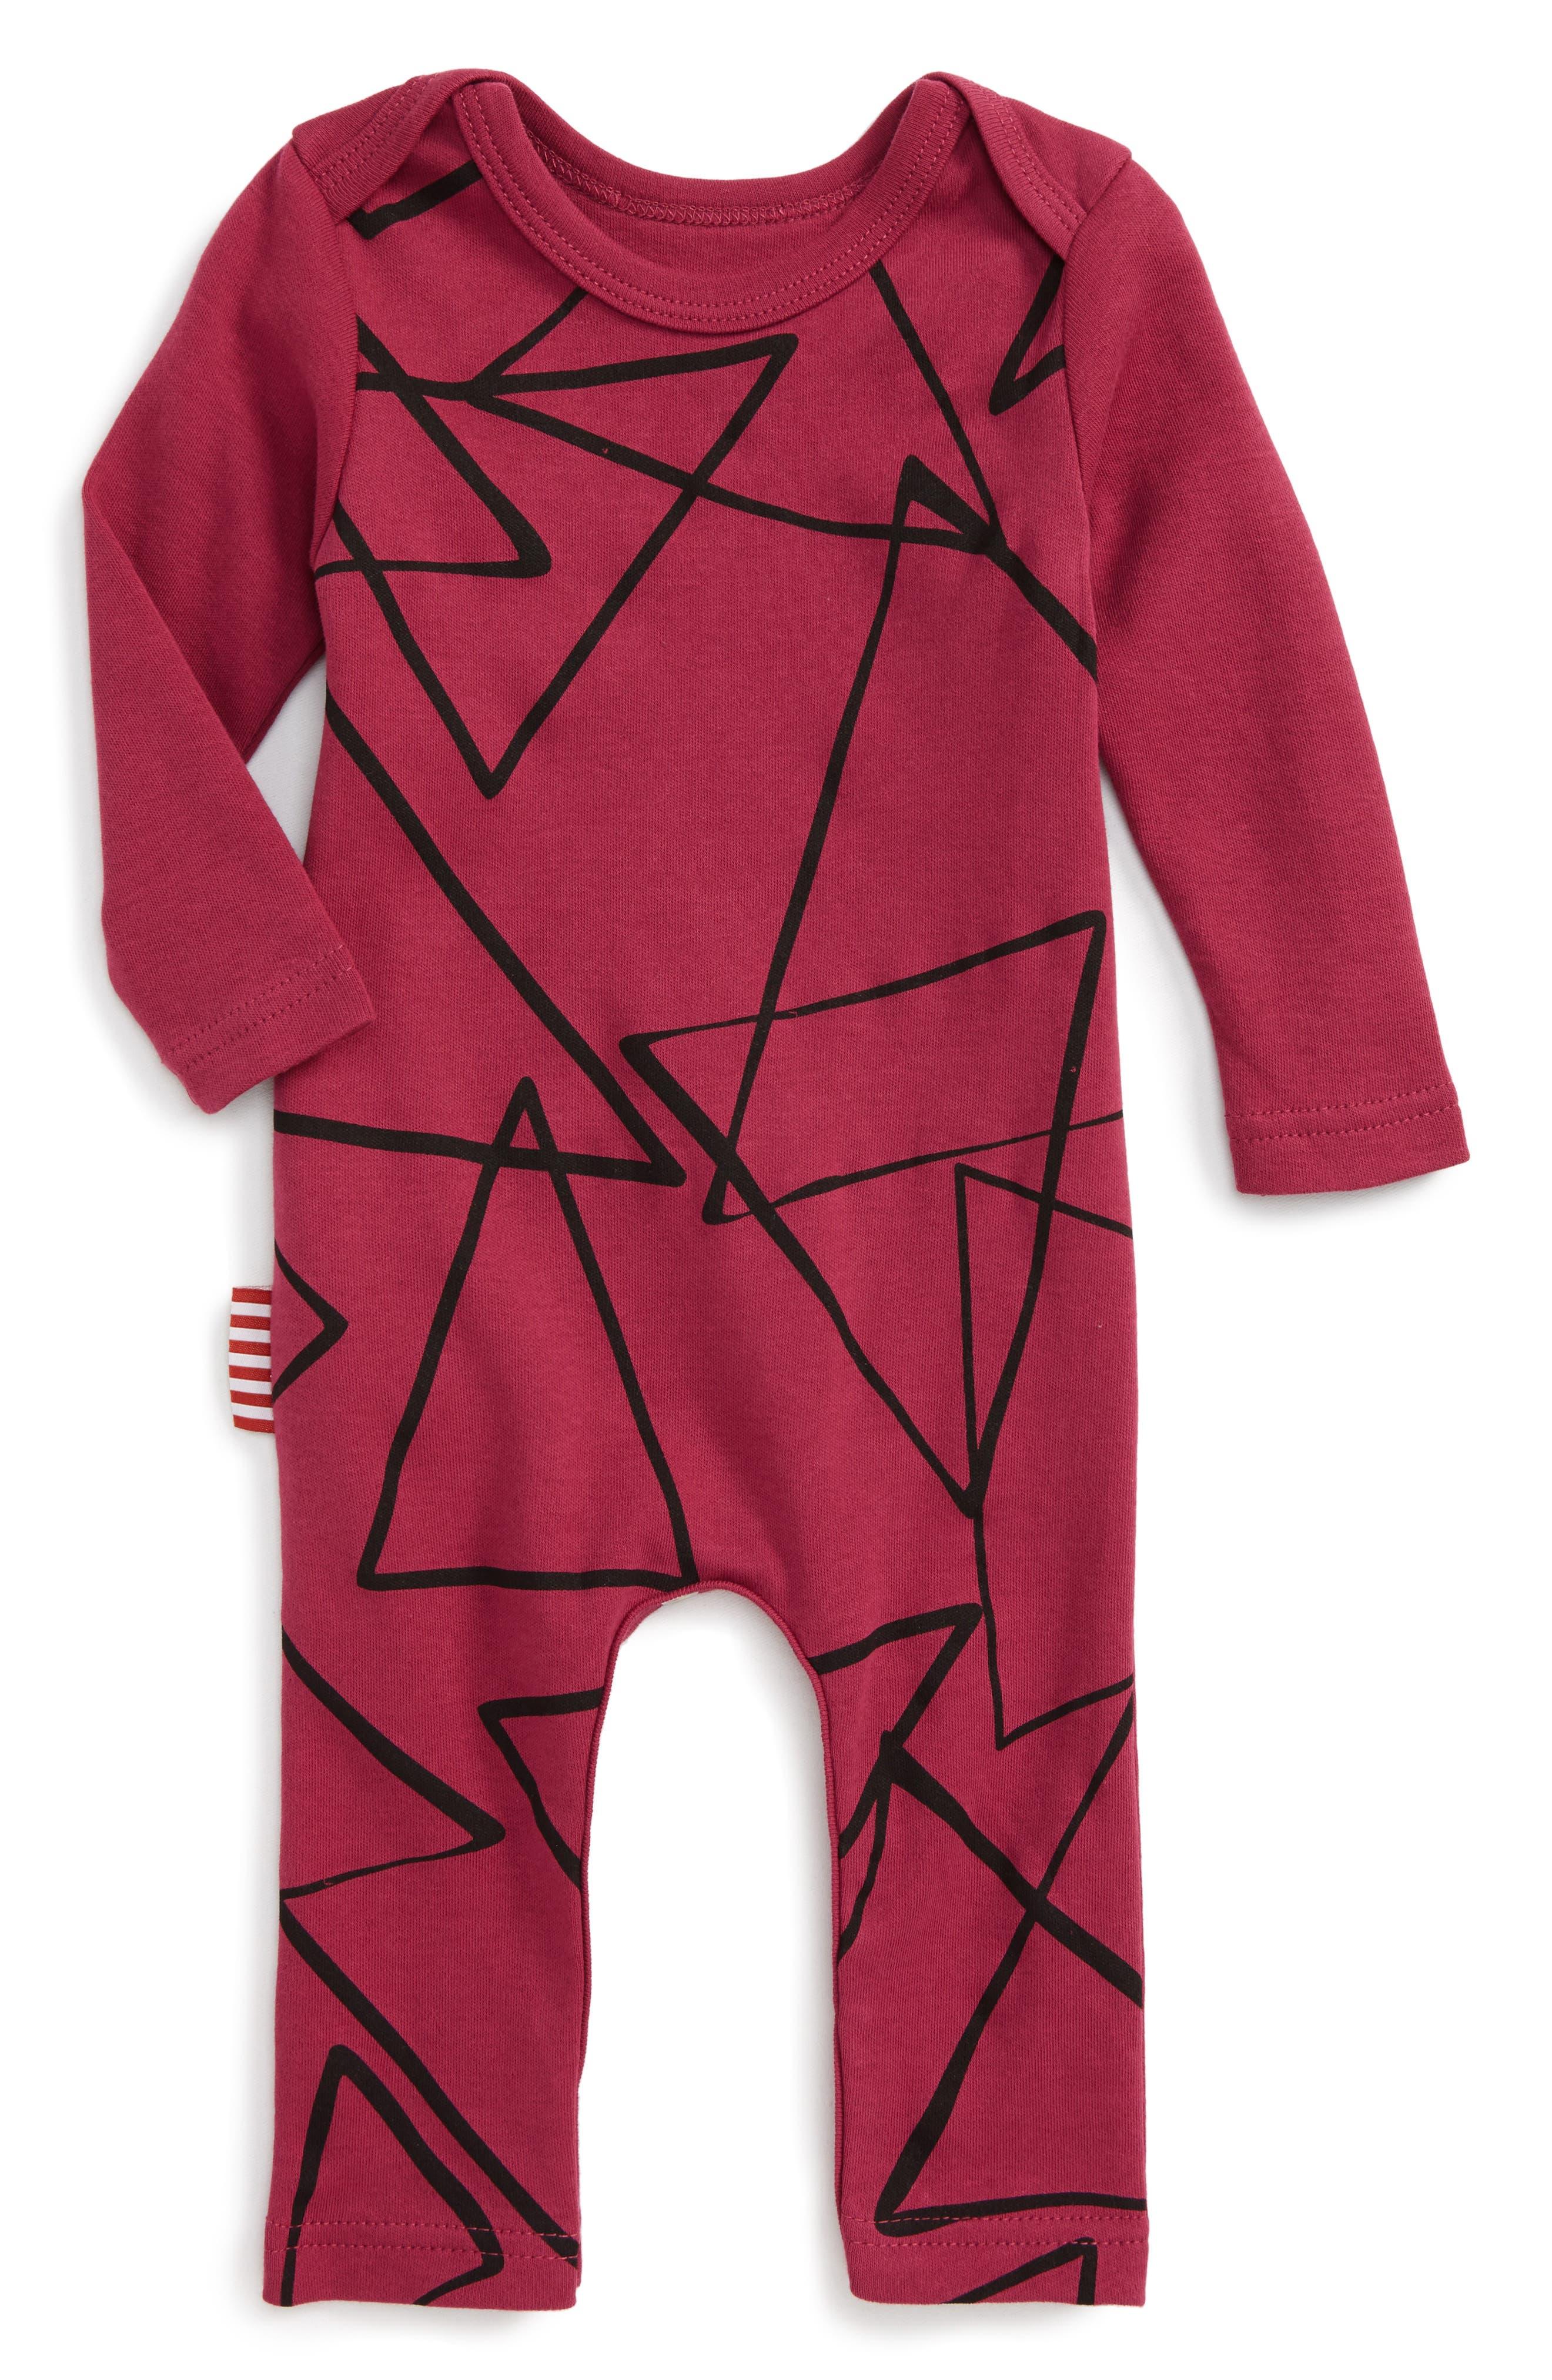 SOOKIbaby Geo Print Romper (Baby)